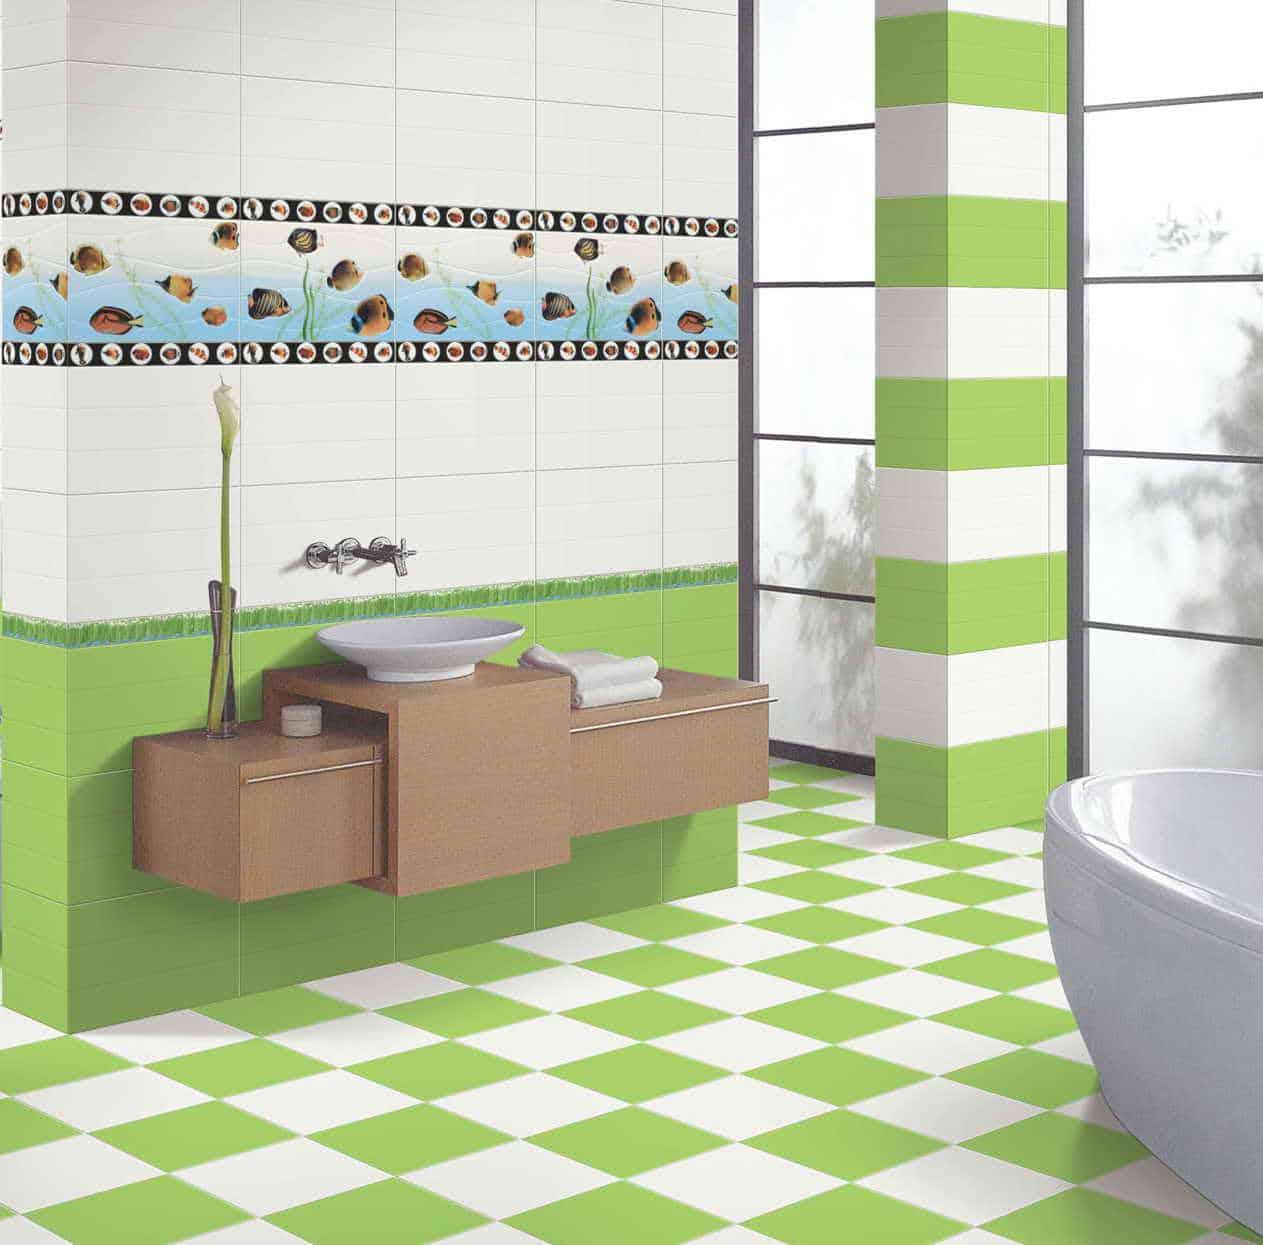 Bathroom with green walls